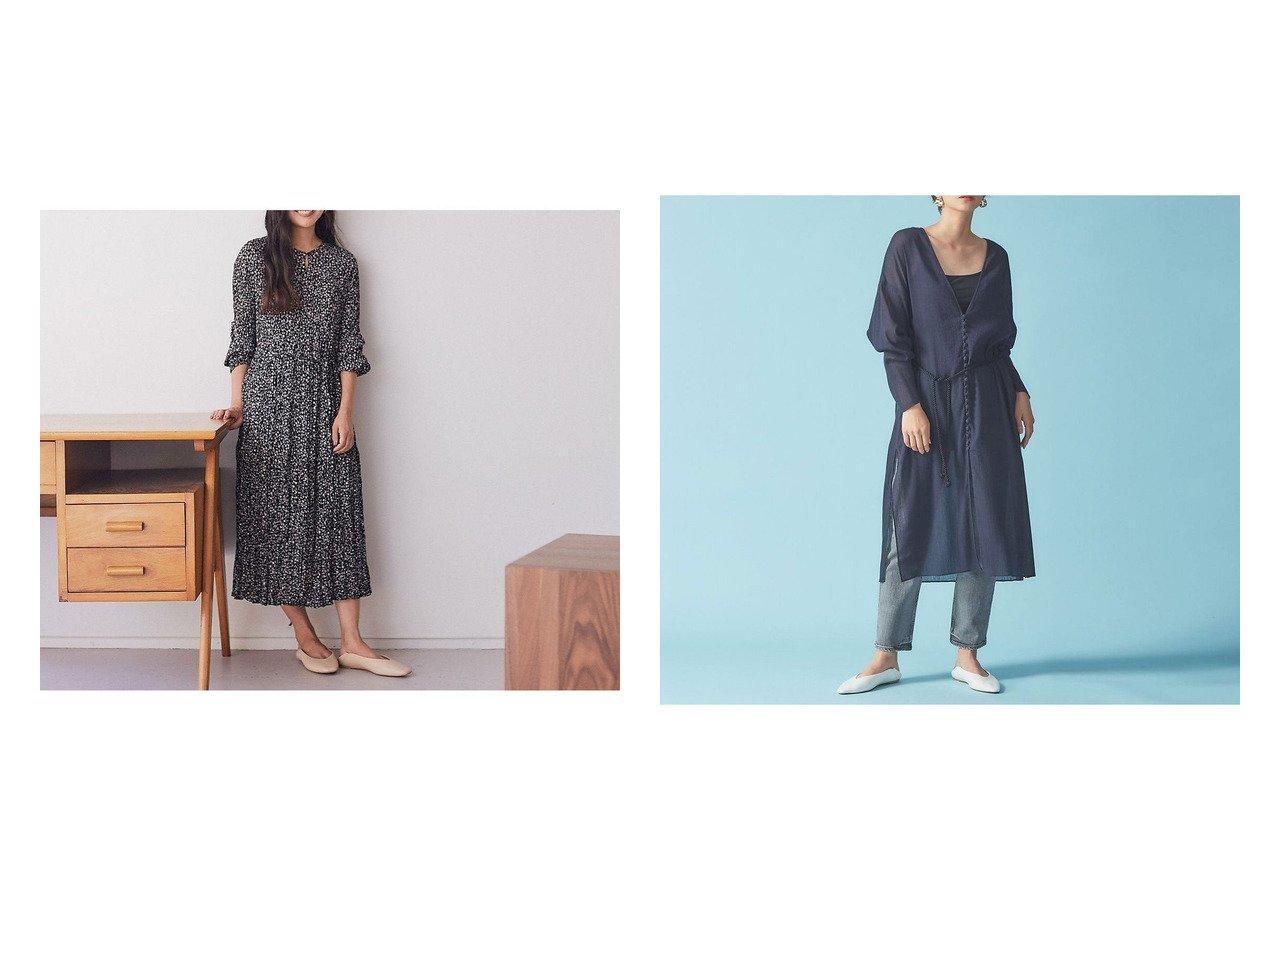 【Rouge vif la cle/ルージュヴィフラクレ】のコットン楊柳ガウンワンピース&【Mylanka】フラワープリントプリーツワンピース ワンピース・ドレスのおすすめ!人気、トレンド・レディースファッションの通販 おすすめで人気の流行・トレンド、ファッションの通販商品 メンズファッション・キッズファッション・インテリア・家具・レディースファッション・服の通販 founy(ファニー) https://founy.com/ ファッション Fashion レディースファッション WOMEN ワンピース Dress シューズ スウェット フラット フラワー プリント プリーツ ロング A/W 秋冬 AW Autumn/Winter / FW Fall-Winter 2020年 2020 2020-2021 秋冬 A/W AW Autumn/Winter / FW Fall-Winter 2020-2021 S/S 春夏 SS Spring/Summer ガウン スリット デニム フロント リボン 春 Spring |ID:crp329100000016186